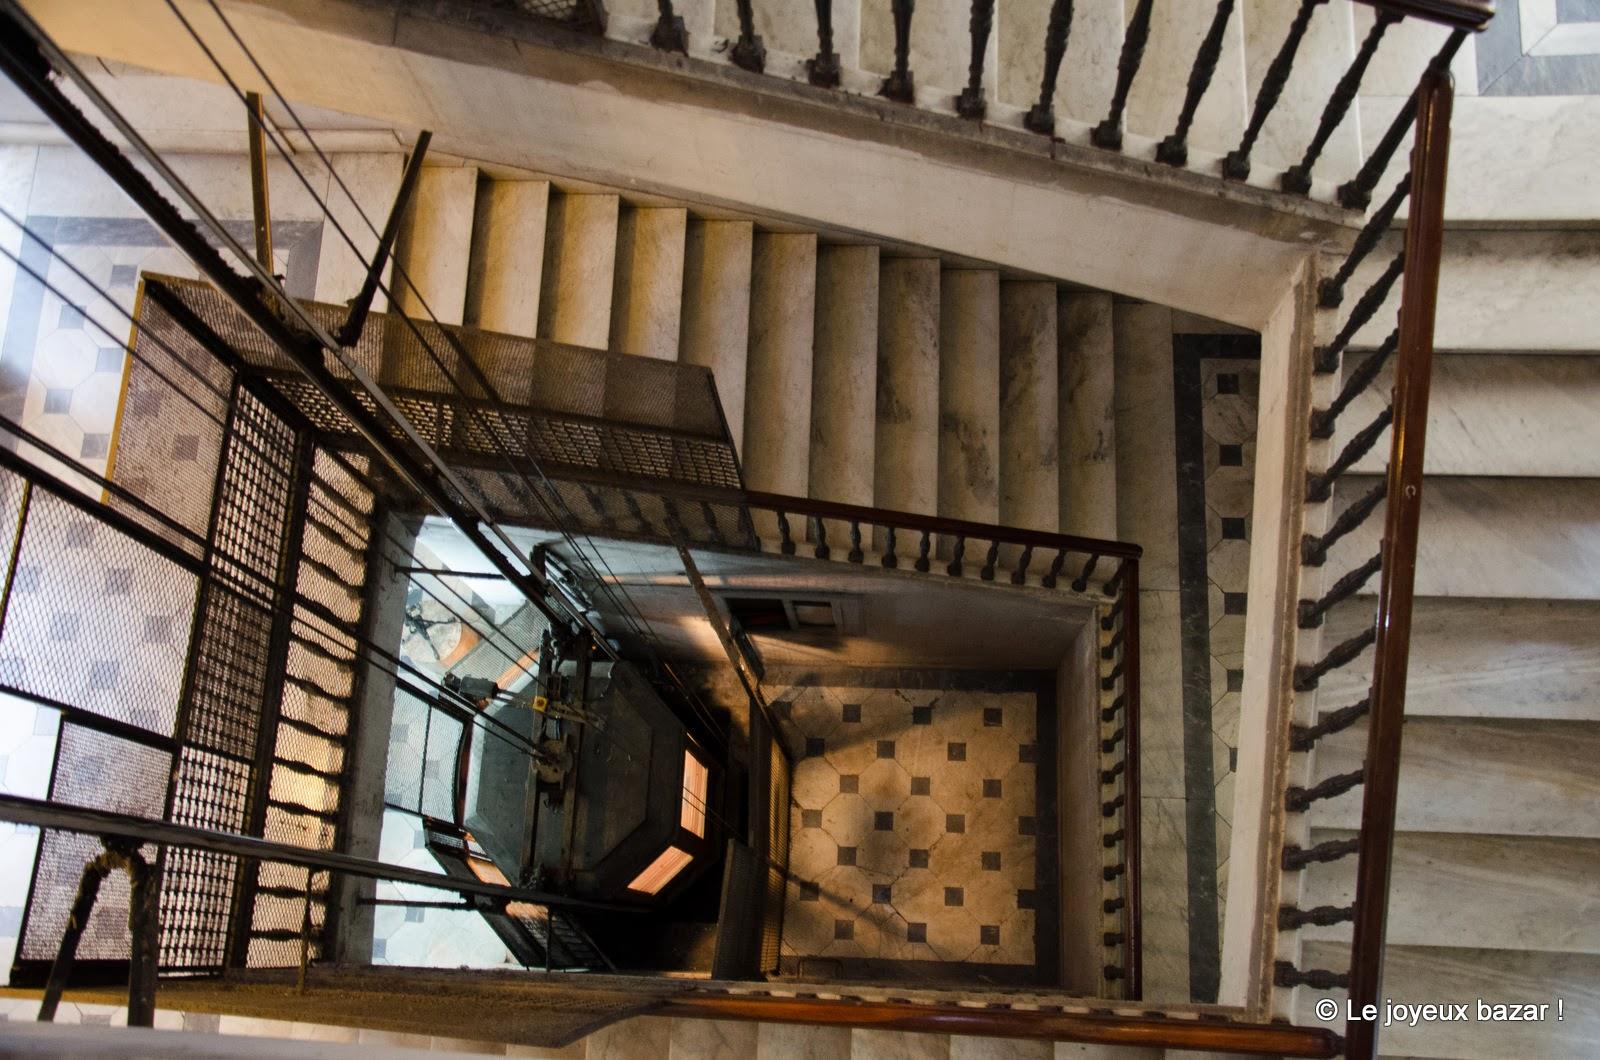 Naples - hôtel des Artistes - escalier